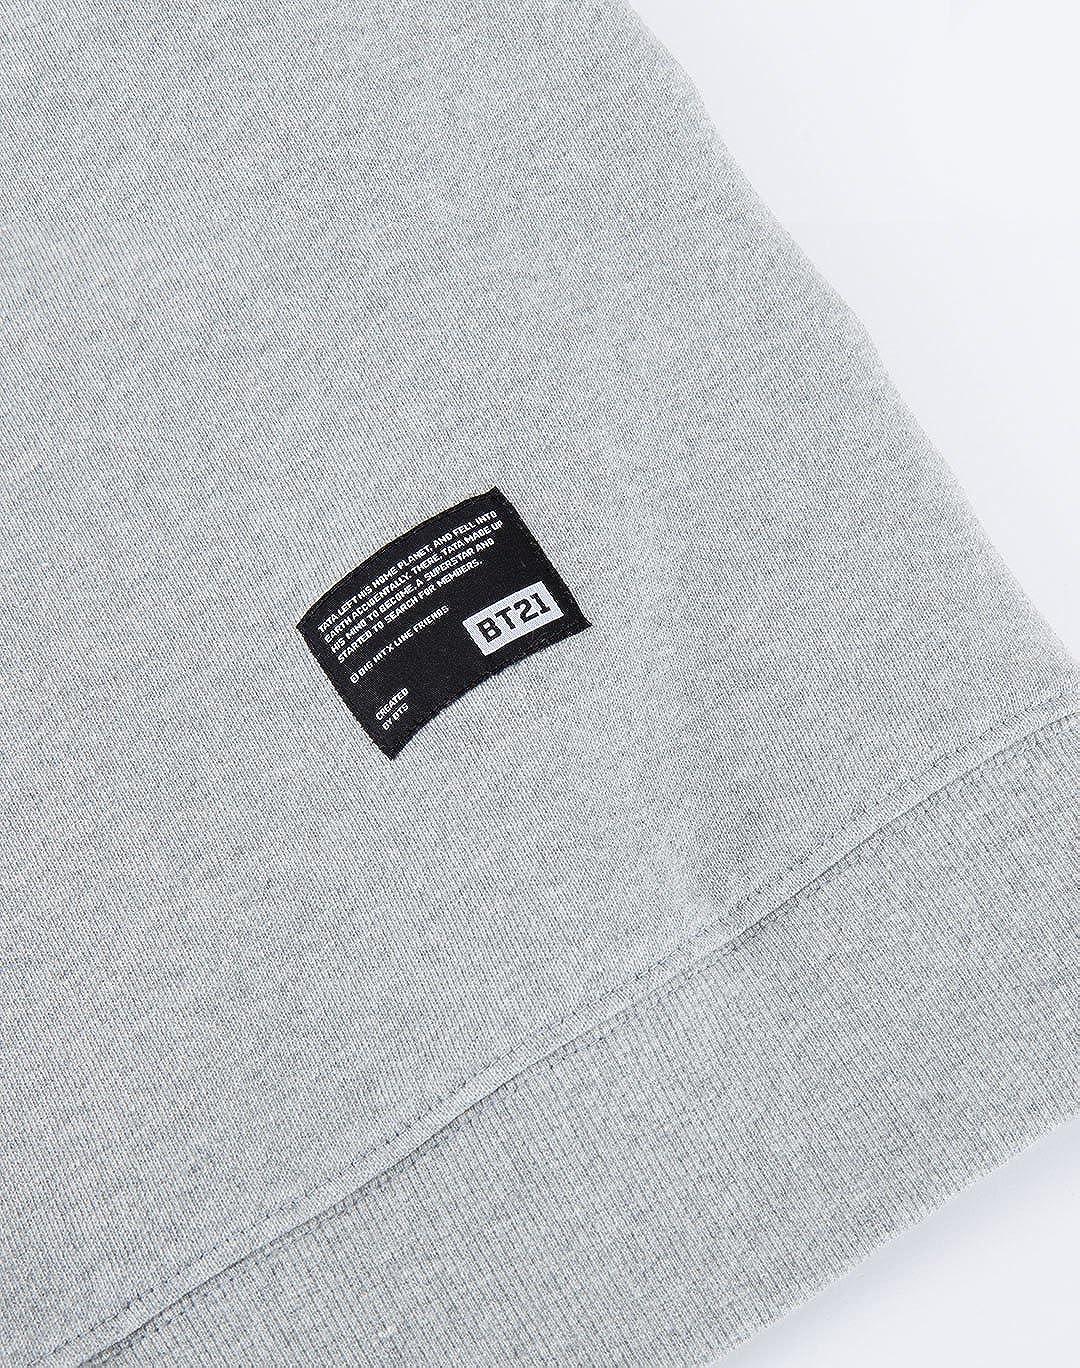 5b53281b7203 Amazon.com: BT21 Tata Basic Graphic Sweatshirts (Designed by BTS V)  (Large): Clothing